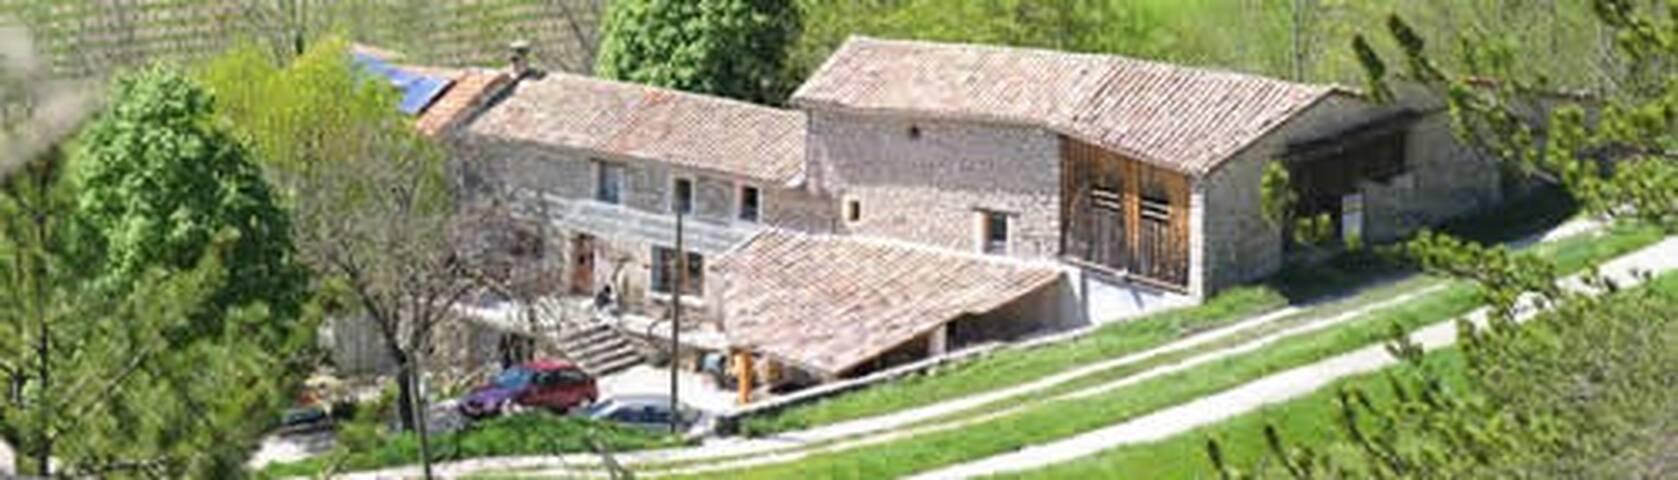 chambres d'hôtes fermedelasource - Ponet-et-Saint-Auban - Bed & Breakfast